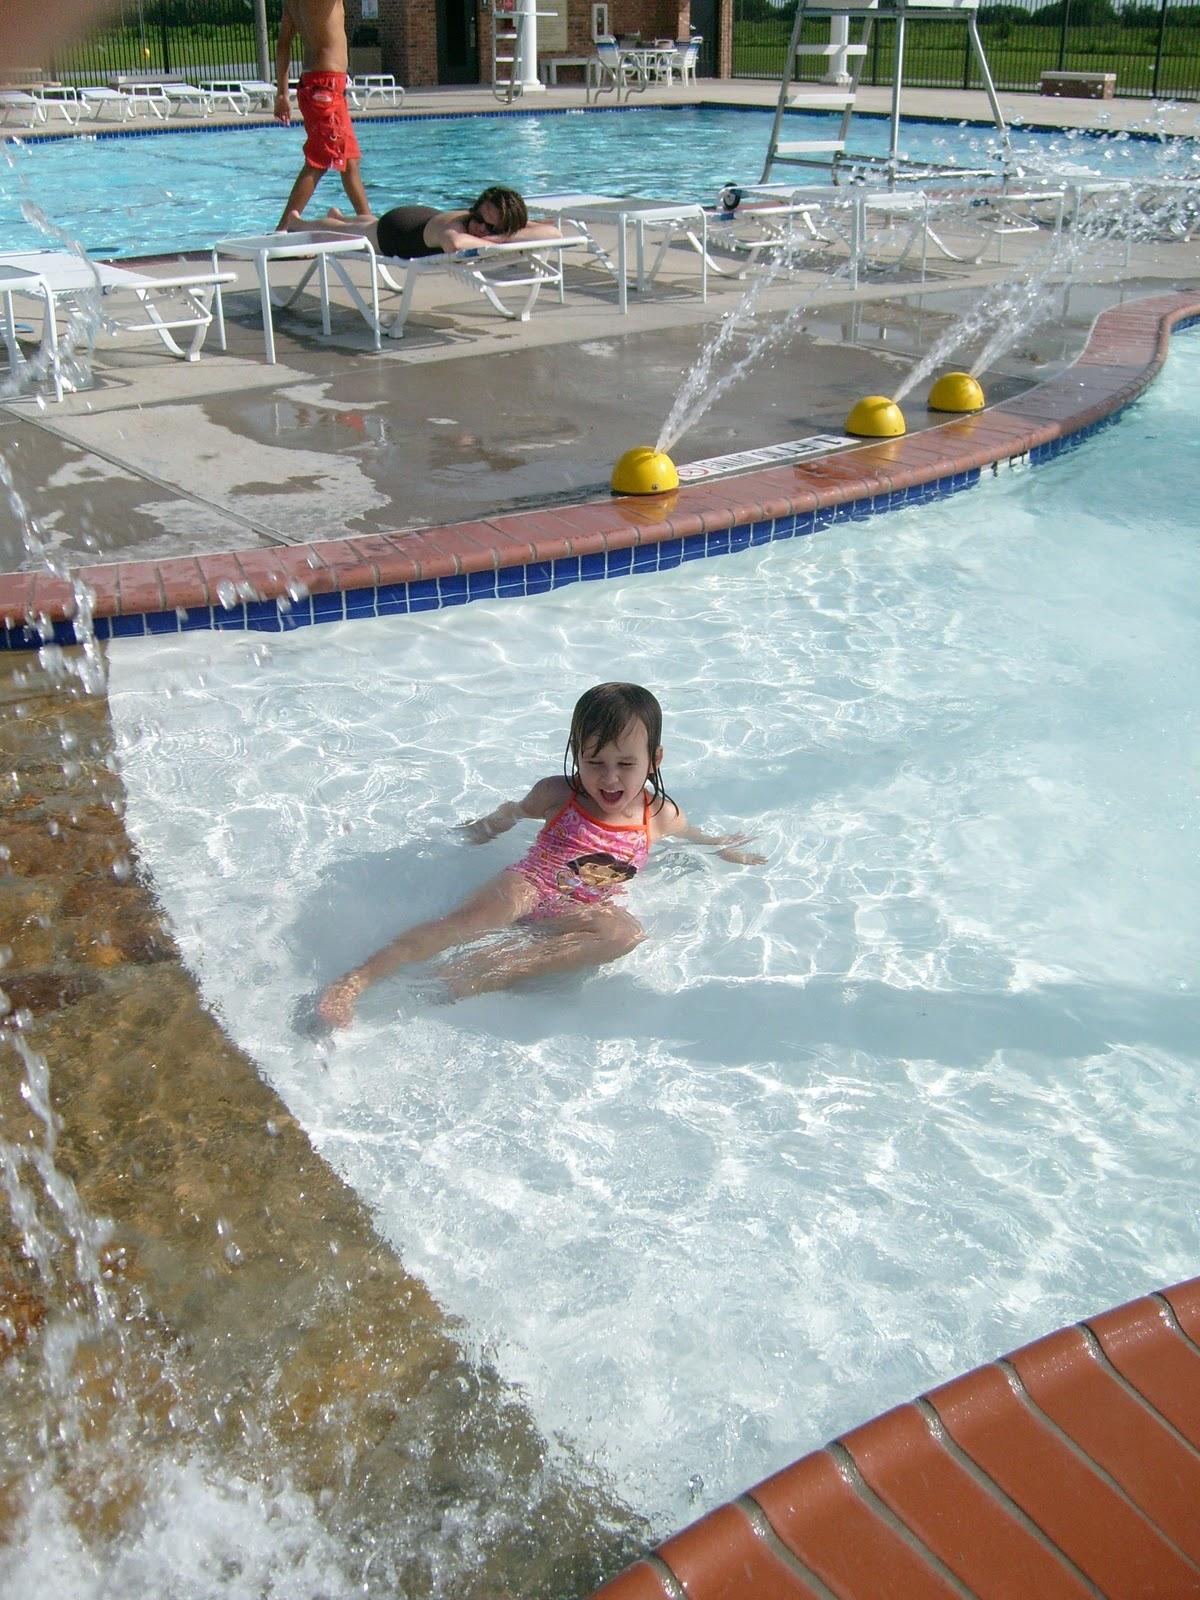 Poolside - S7300049.JPG